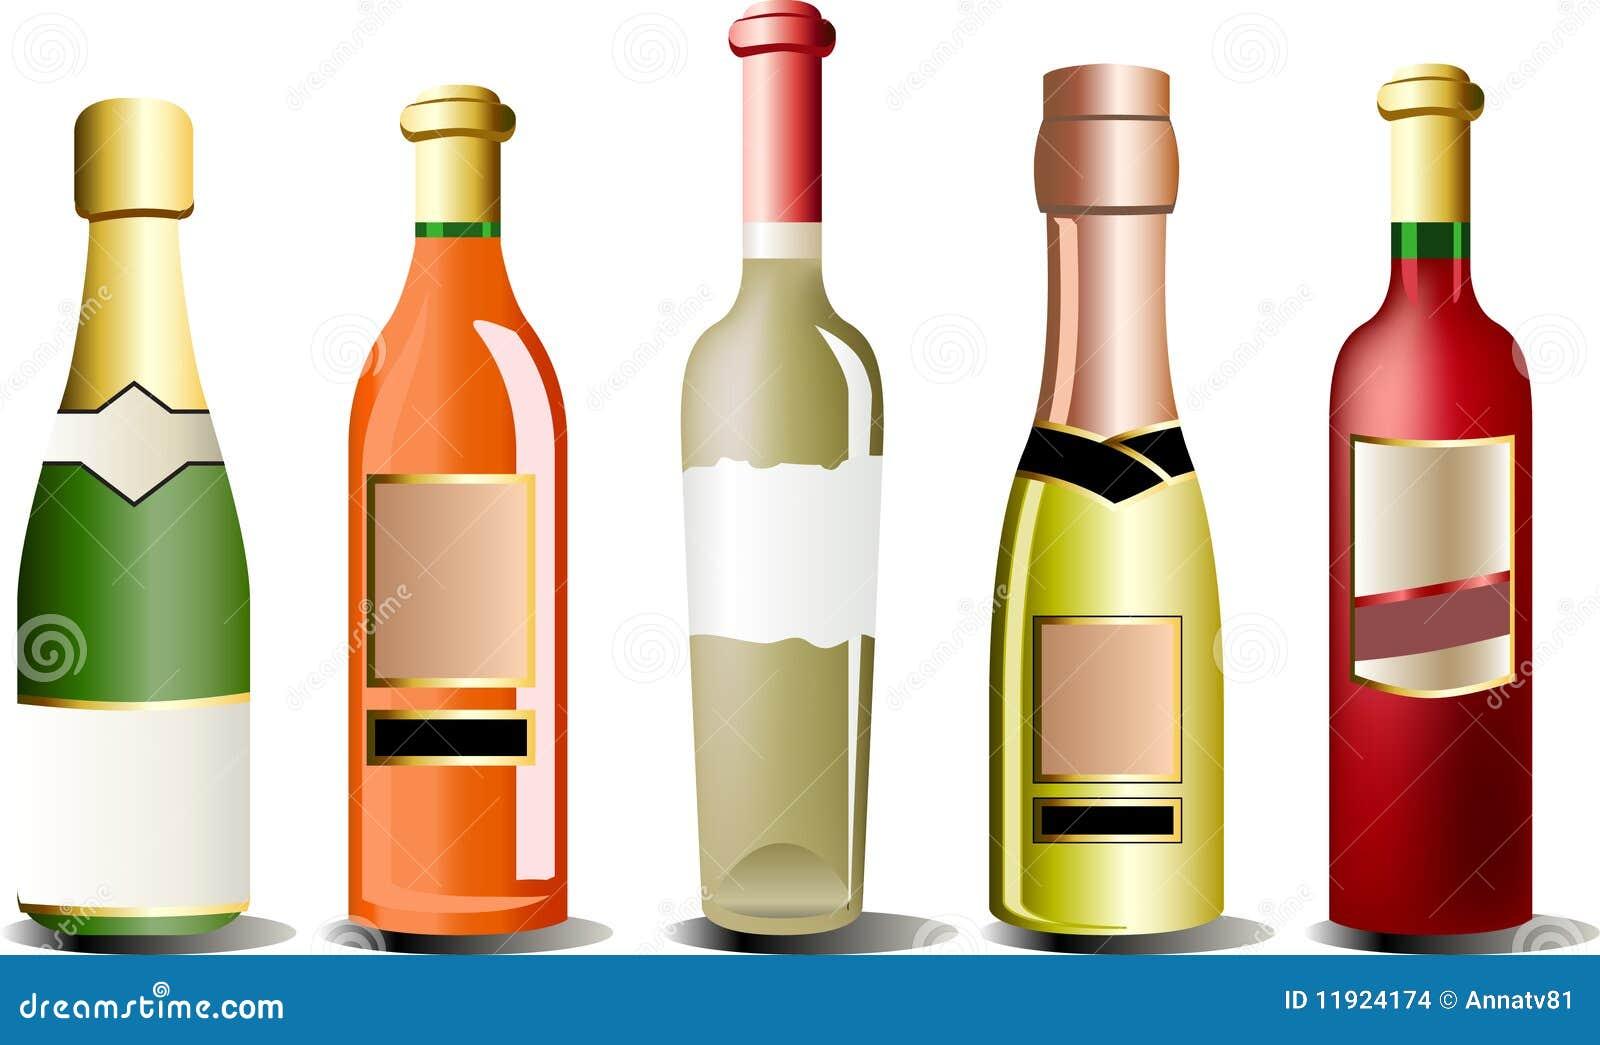 Vector bottles of alcohol stock vector illustration of for Liquor bottle art